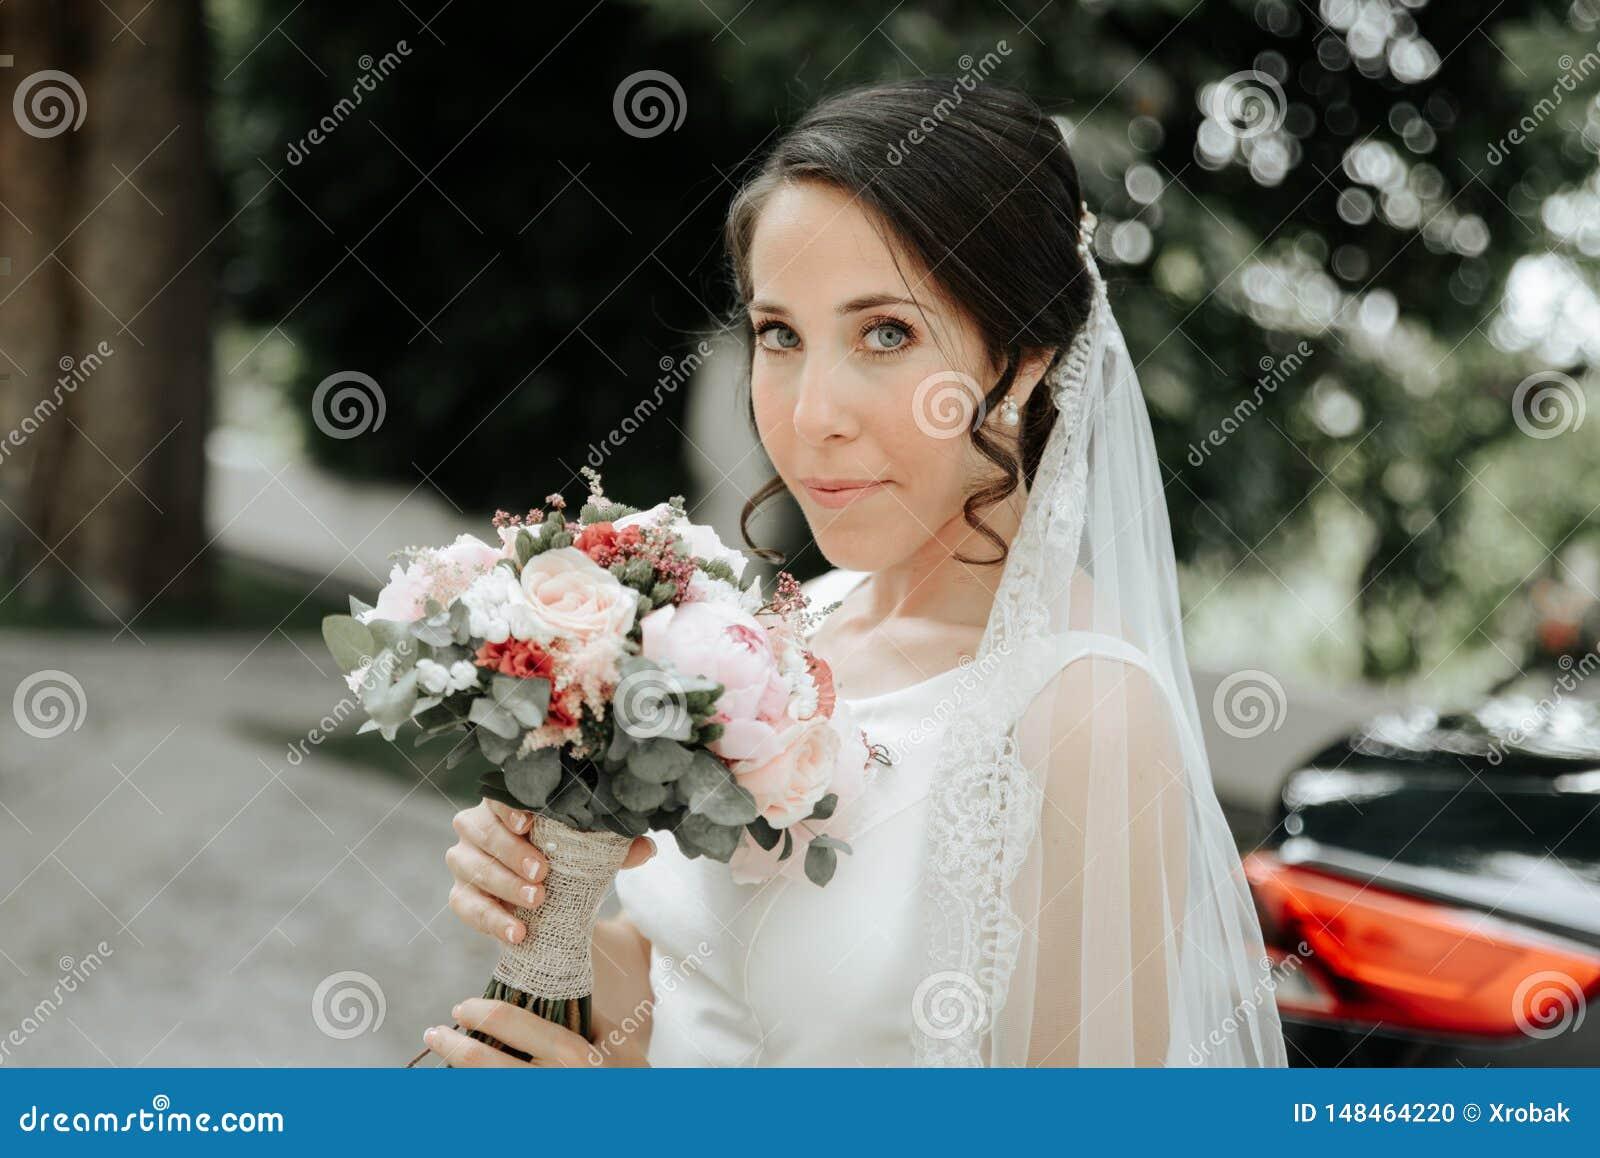 Uśmiechnięta panna młoda trzyma bridal bukiet w ślubnej sukni i przesłona